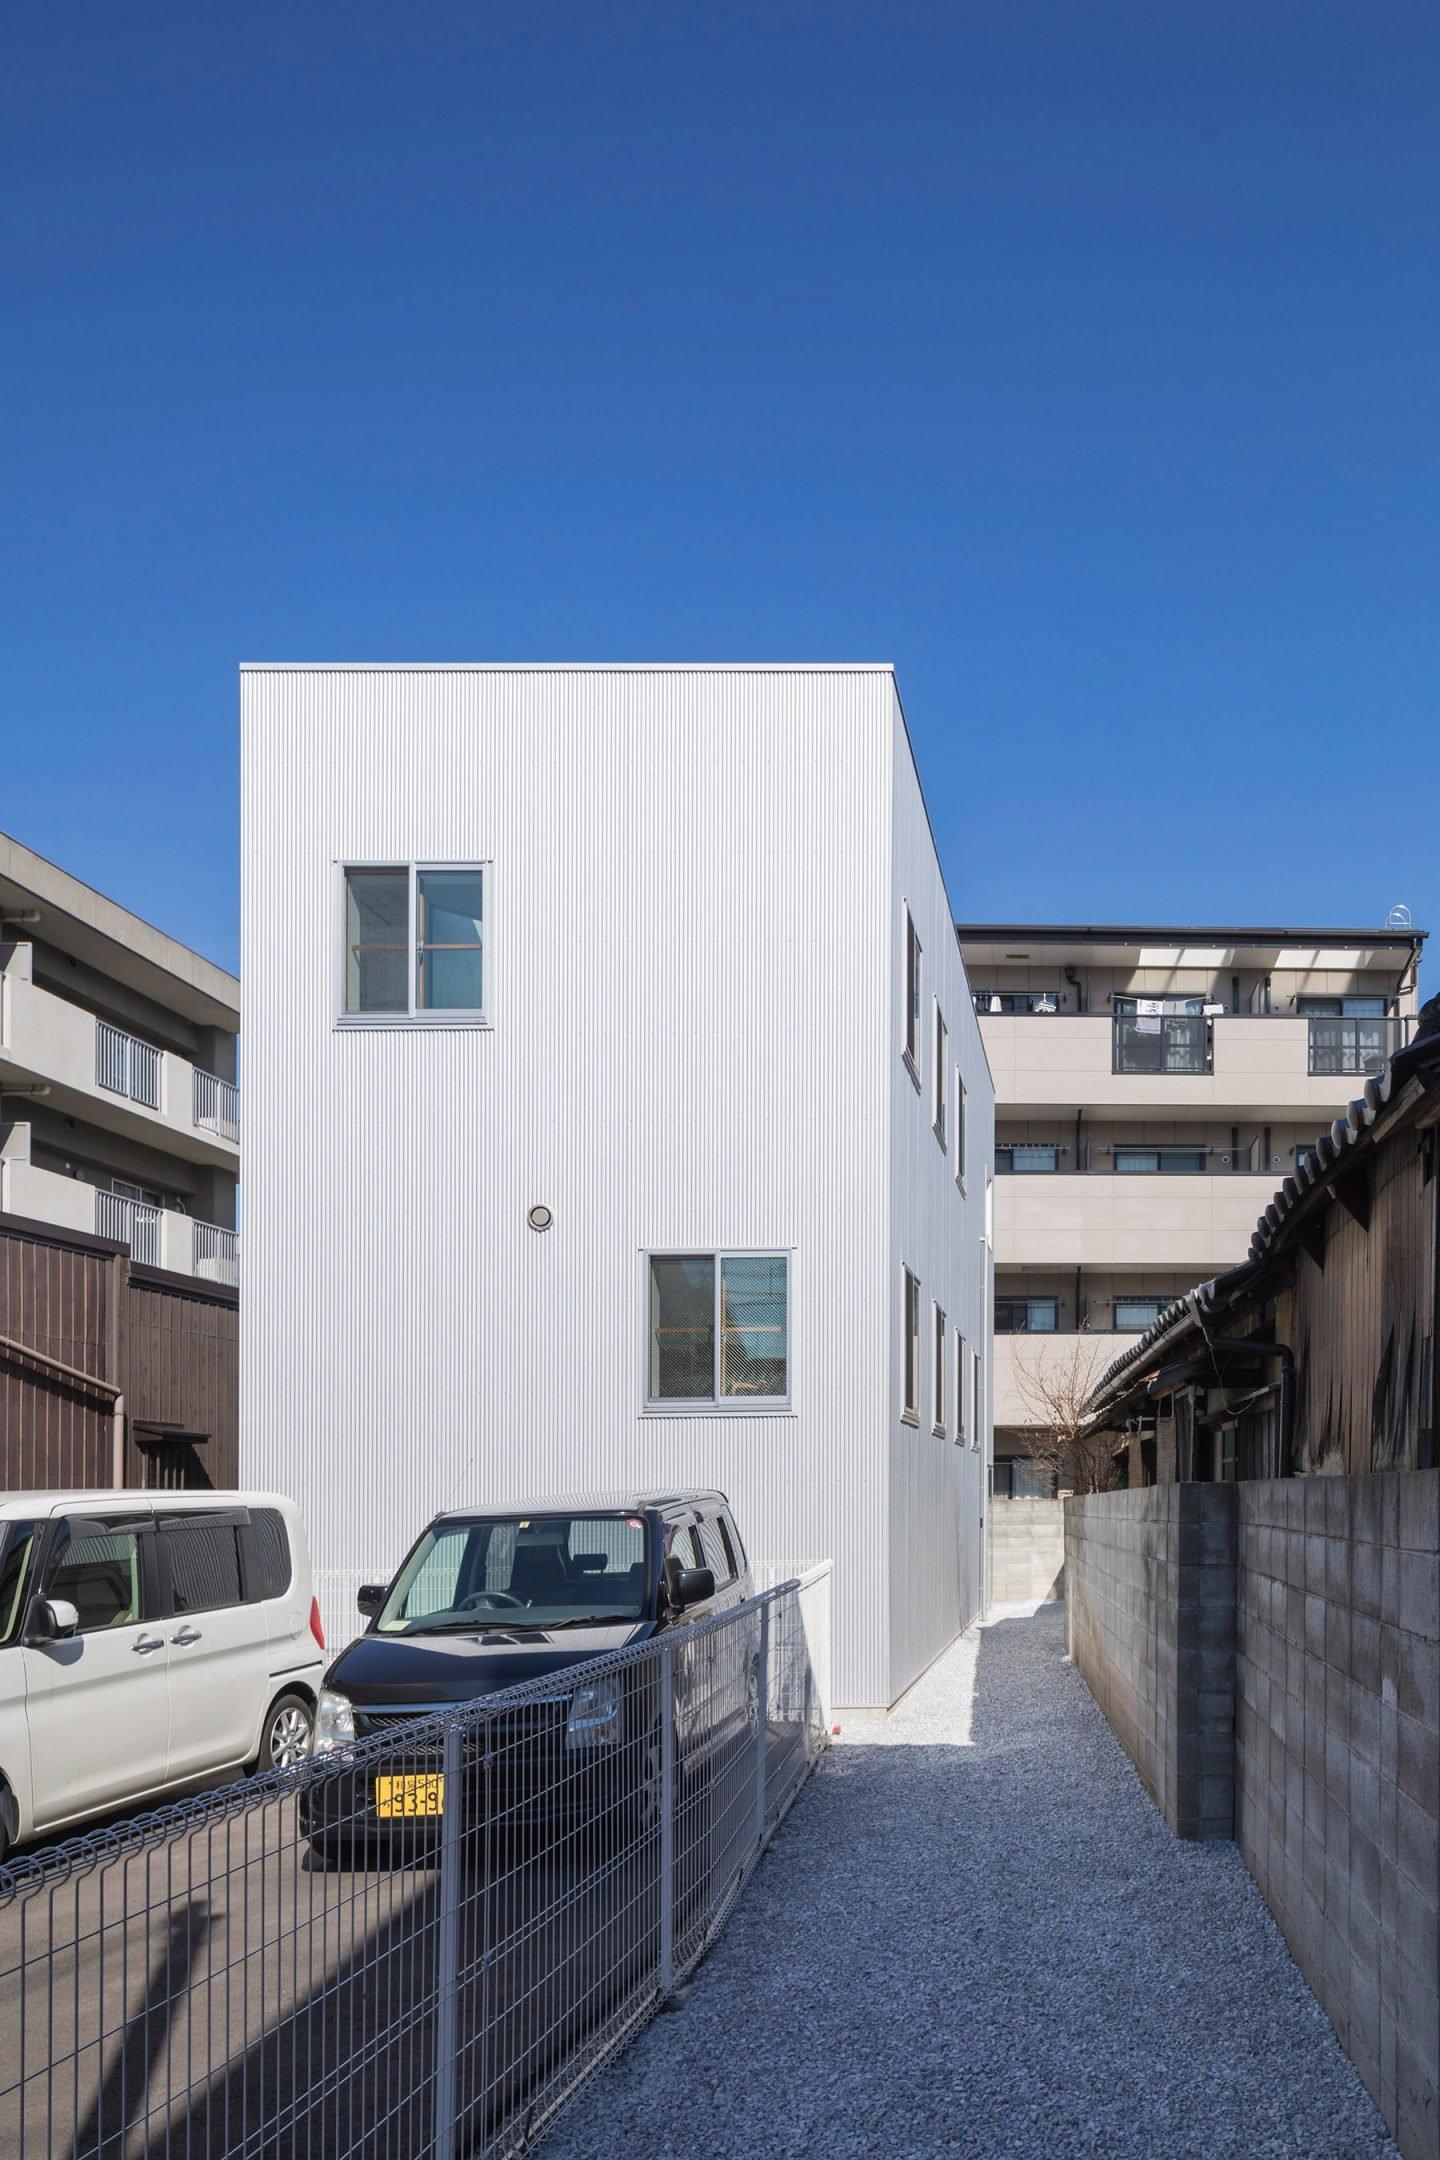 iGNANT-Architecture-Tato-Architects-Miyamoto-Home-007